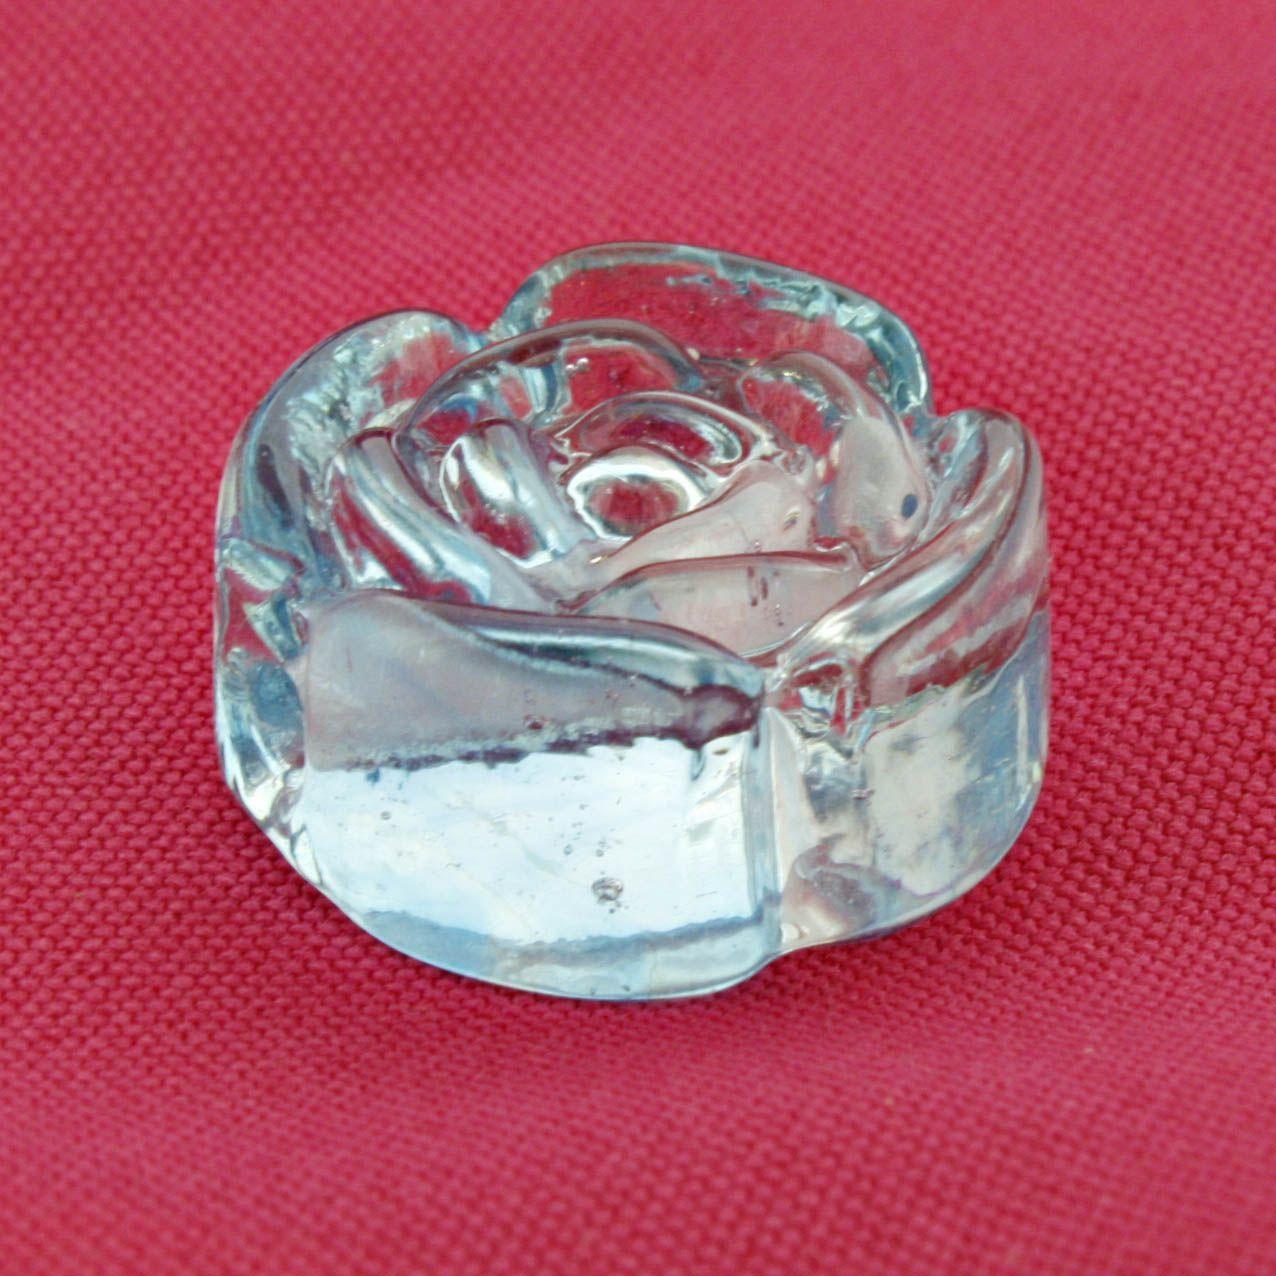 Firma Rosa - Azul Claro Transparente - 1 Peça  - Stéphanie Bijoux® - Peças para Bijuterias e Artesanato